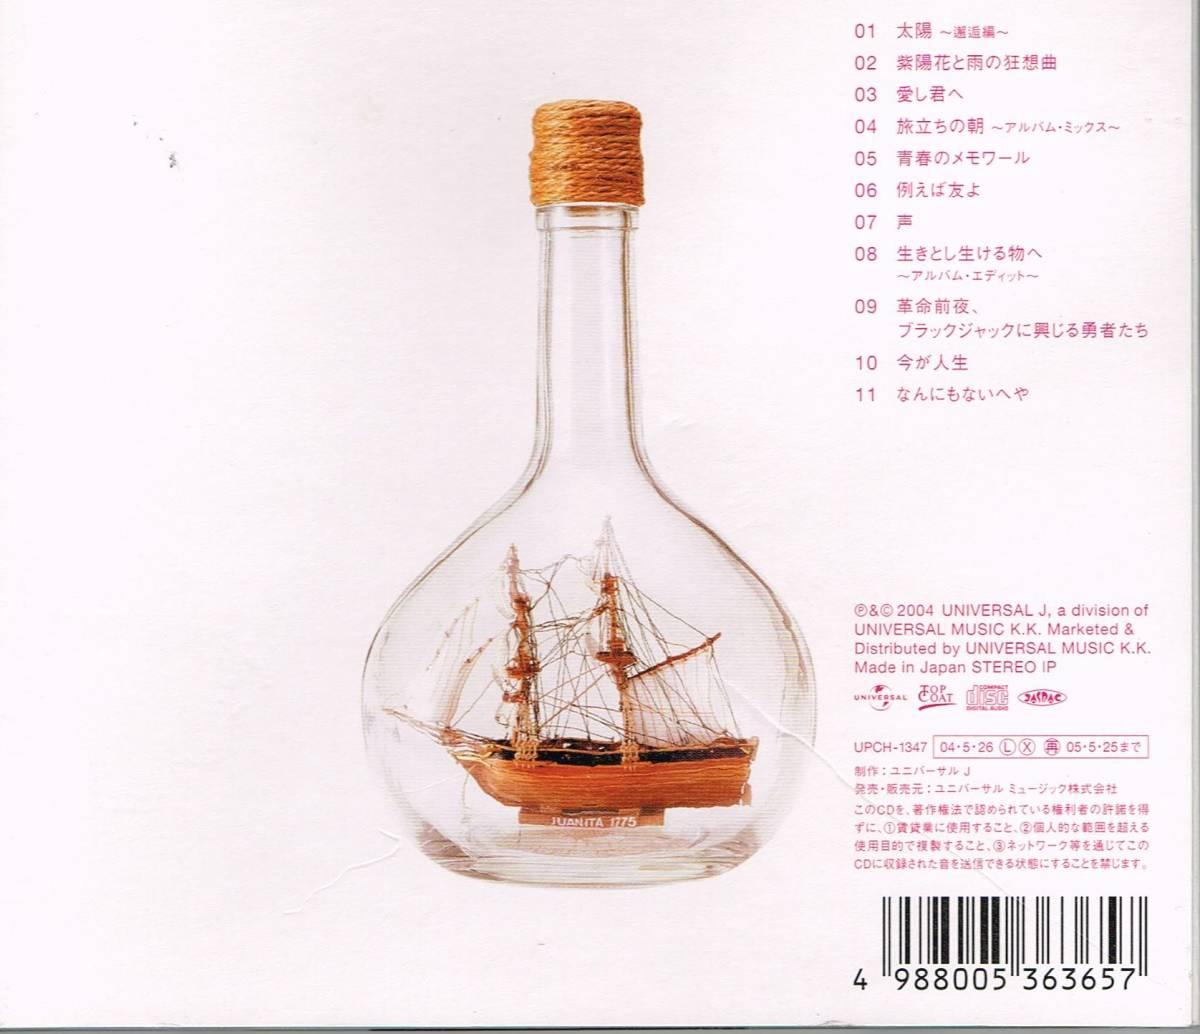 新たなる香辛料を求めて Naotaro Moriyama 森山直太朗 形式 CD 中古 CDアルバム_画像2